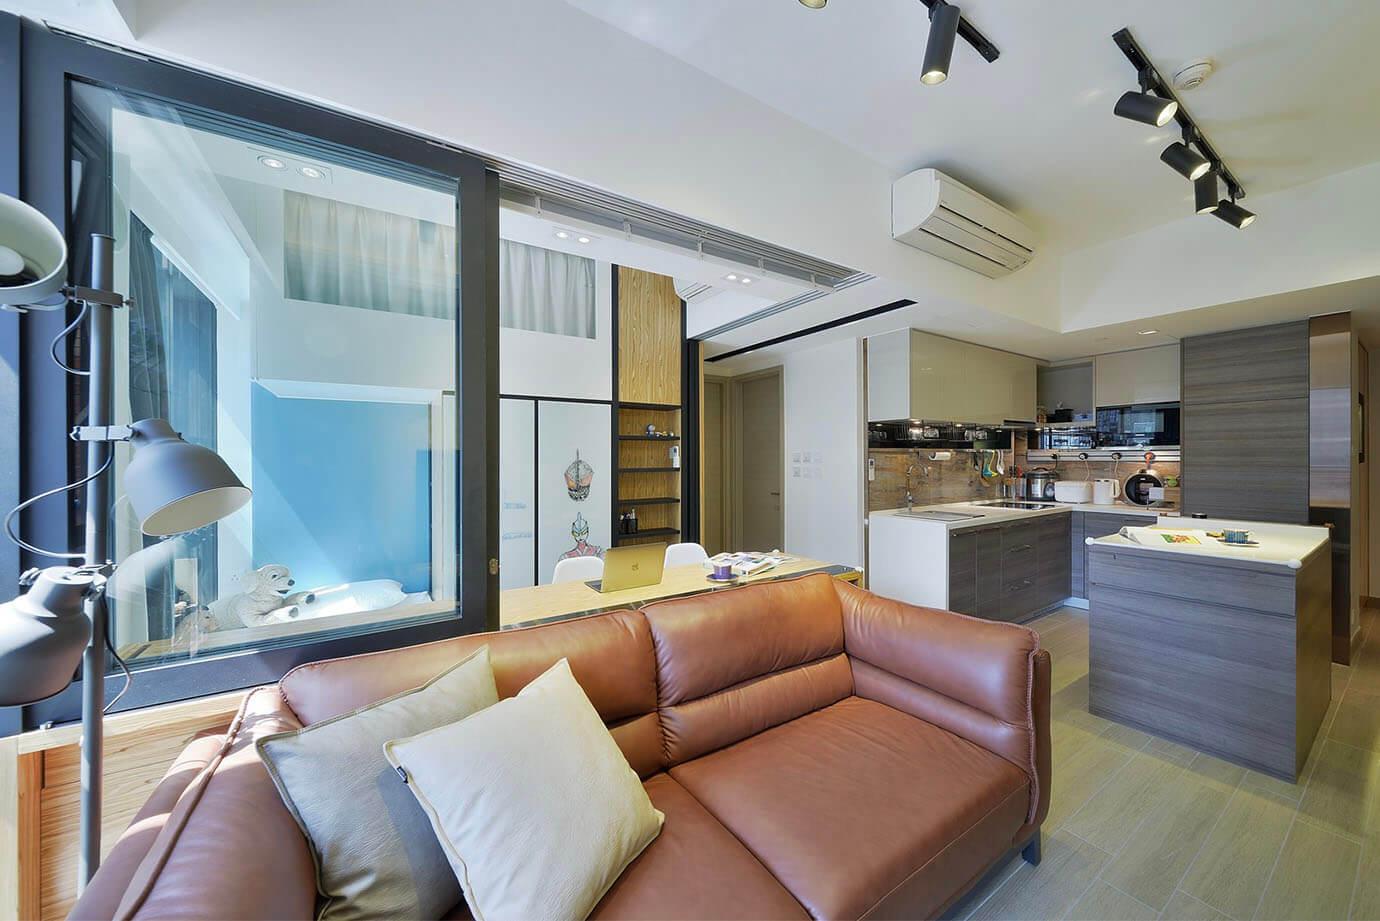 Inch Interior Design Hong Kong Ocean Wings